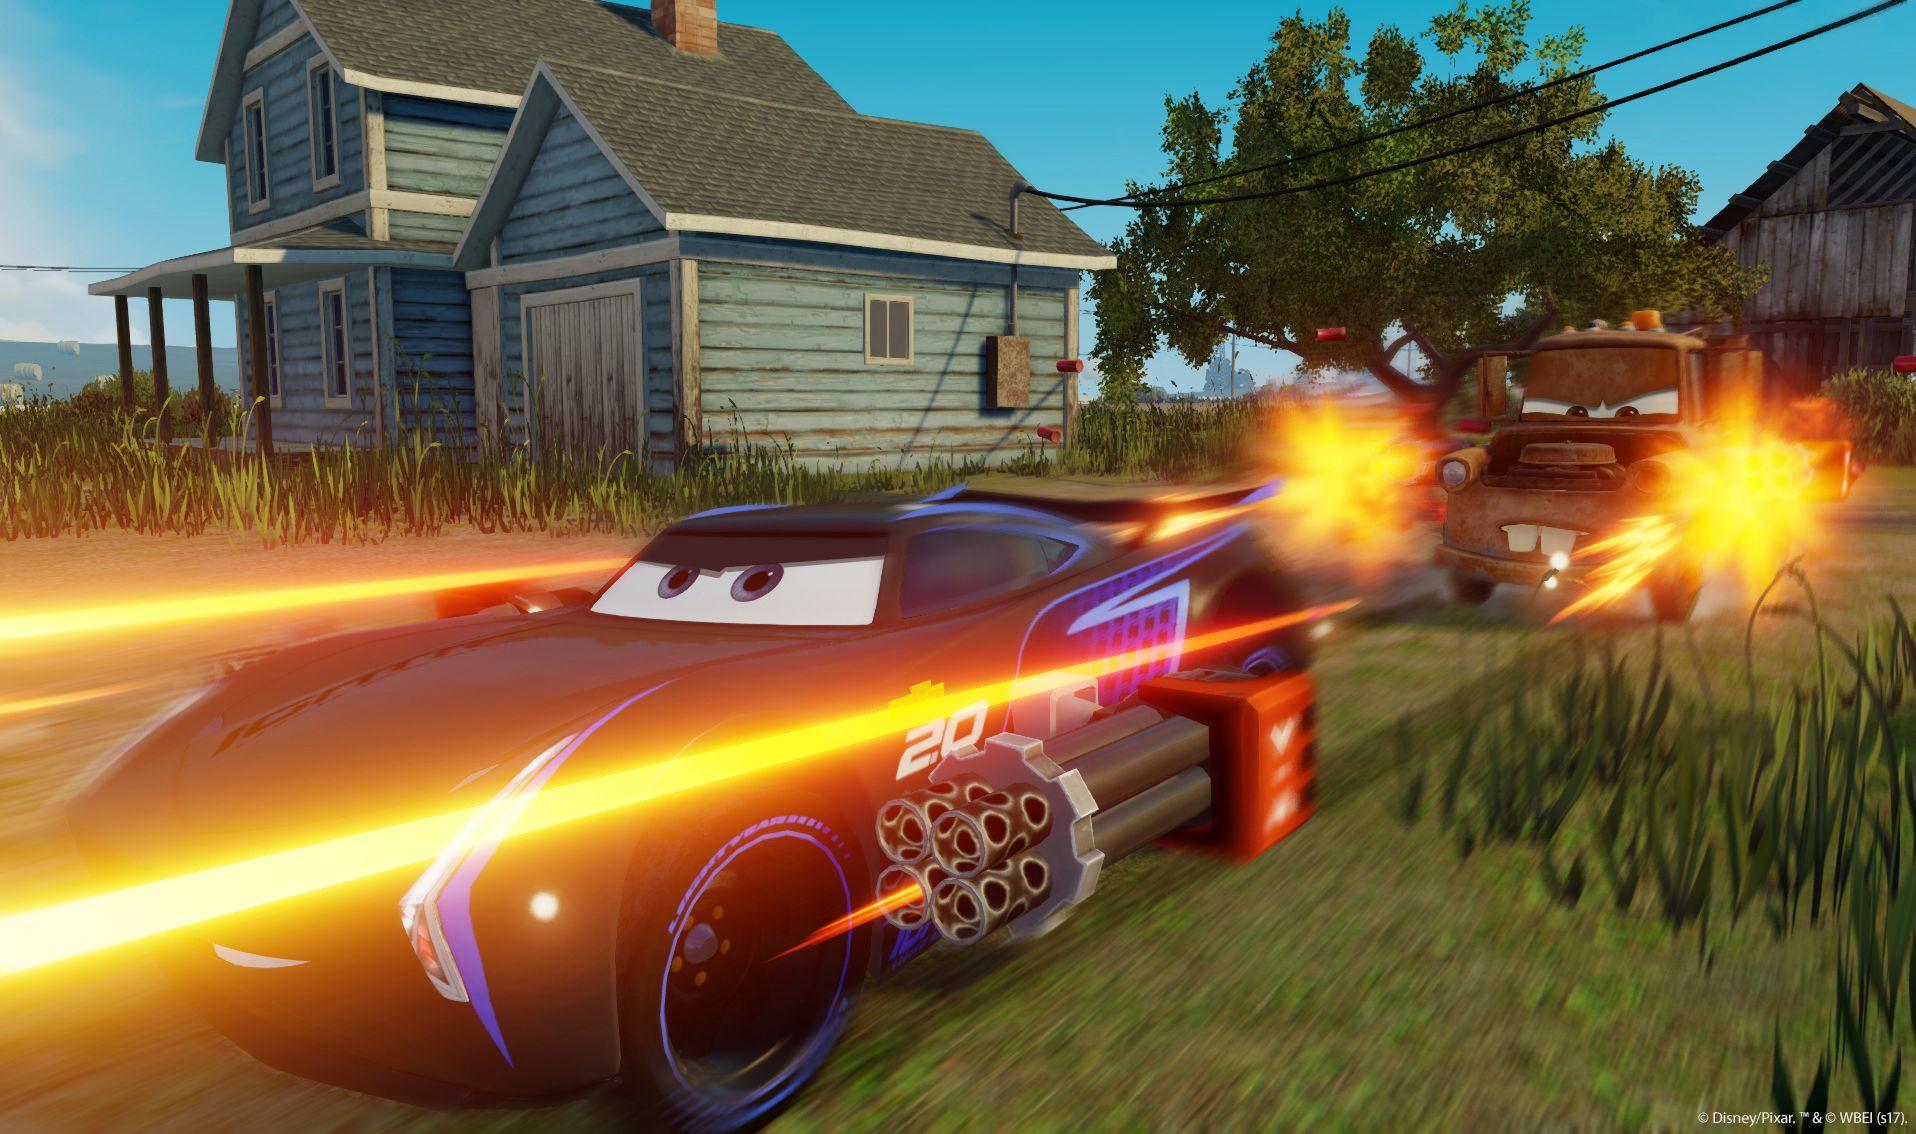 Závodní hra Auta 3 se koná po událostech z filmu 141544